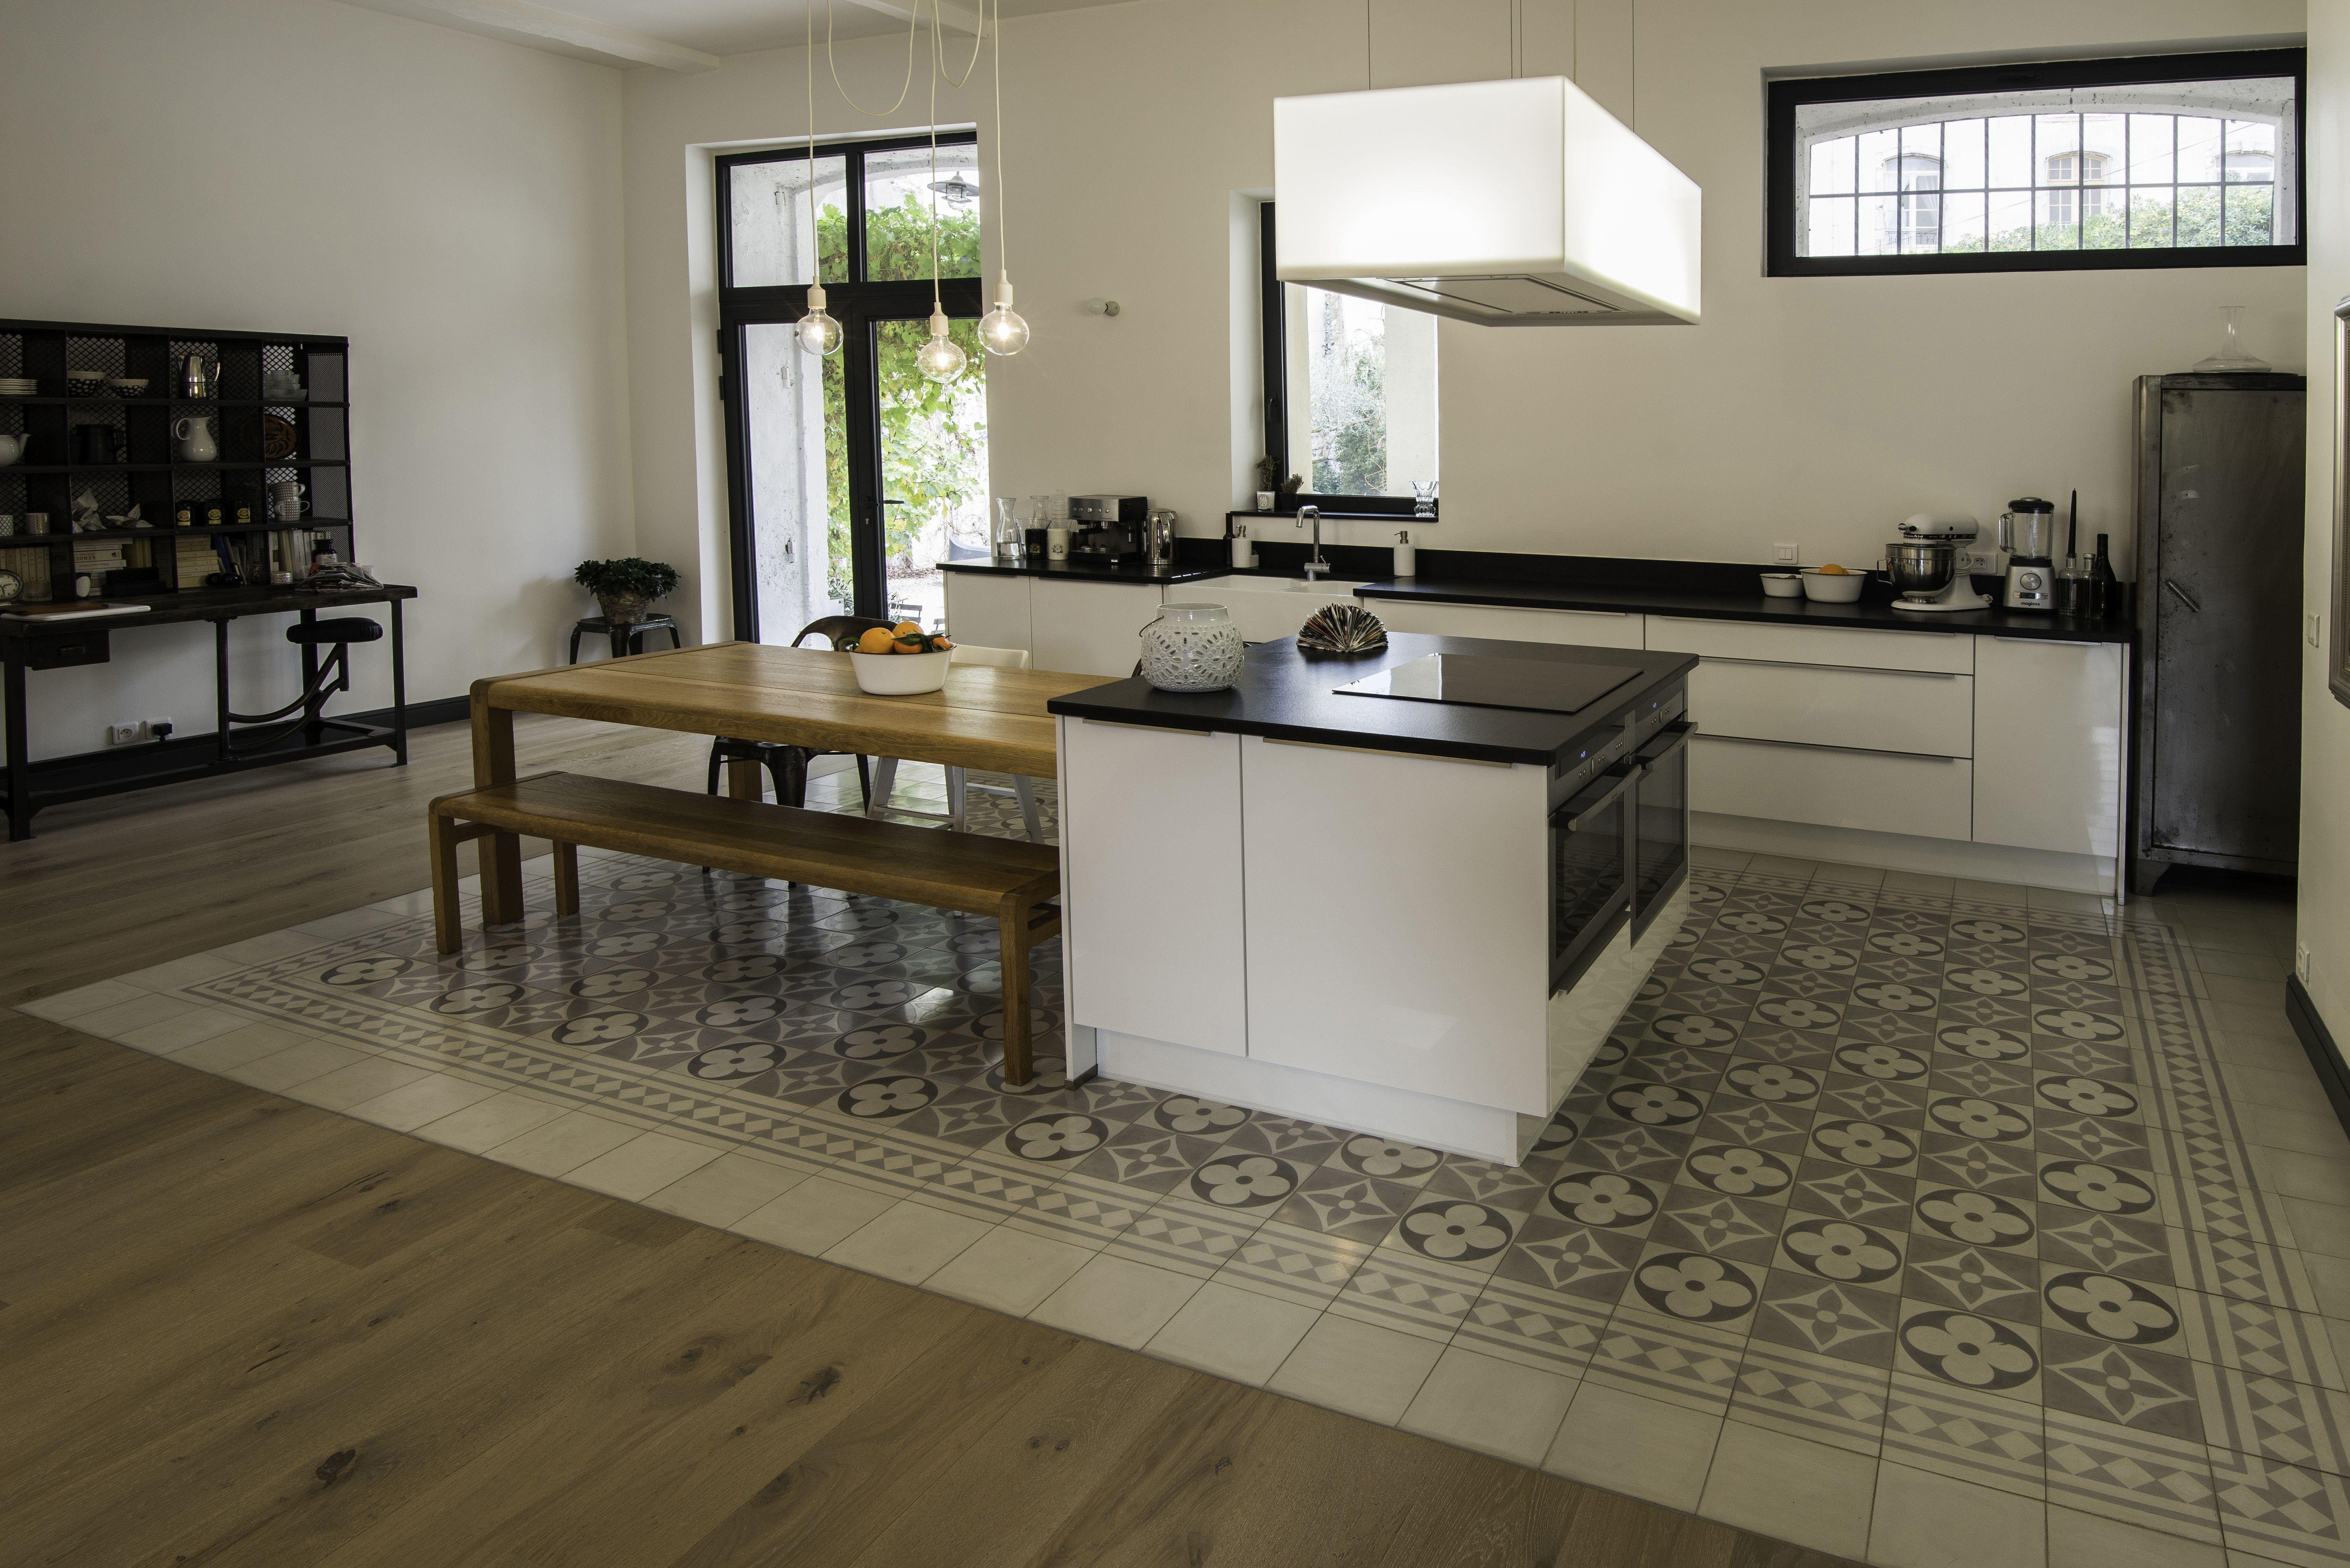 Dcoration cuisine ouverte elegant dco cuisine ouverte sur - Idee amenagement cuisine ouverte sur salon ...